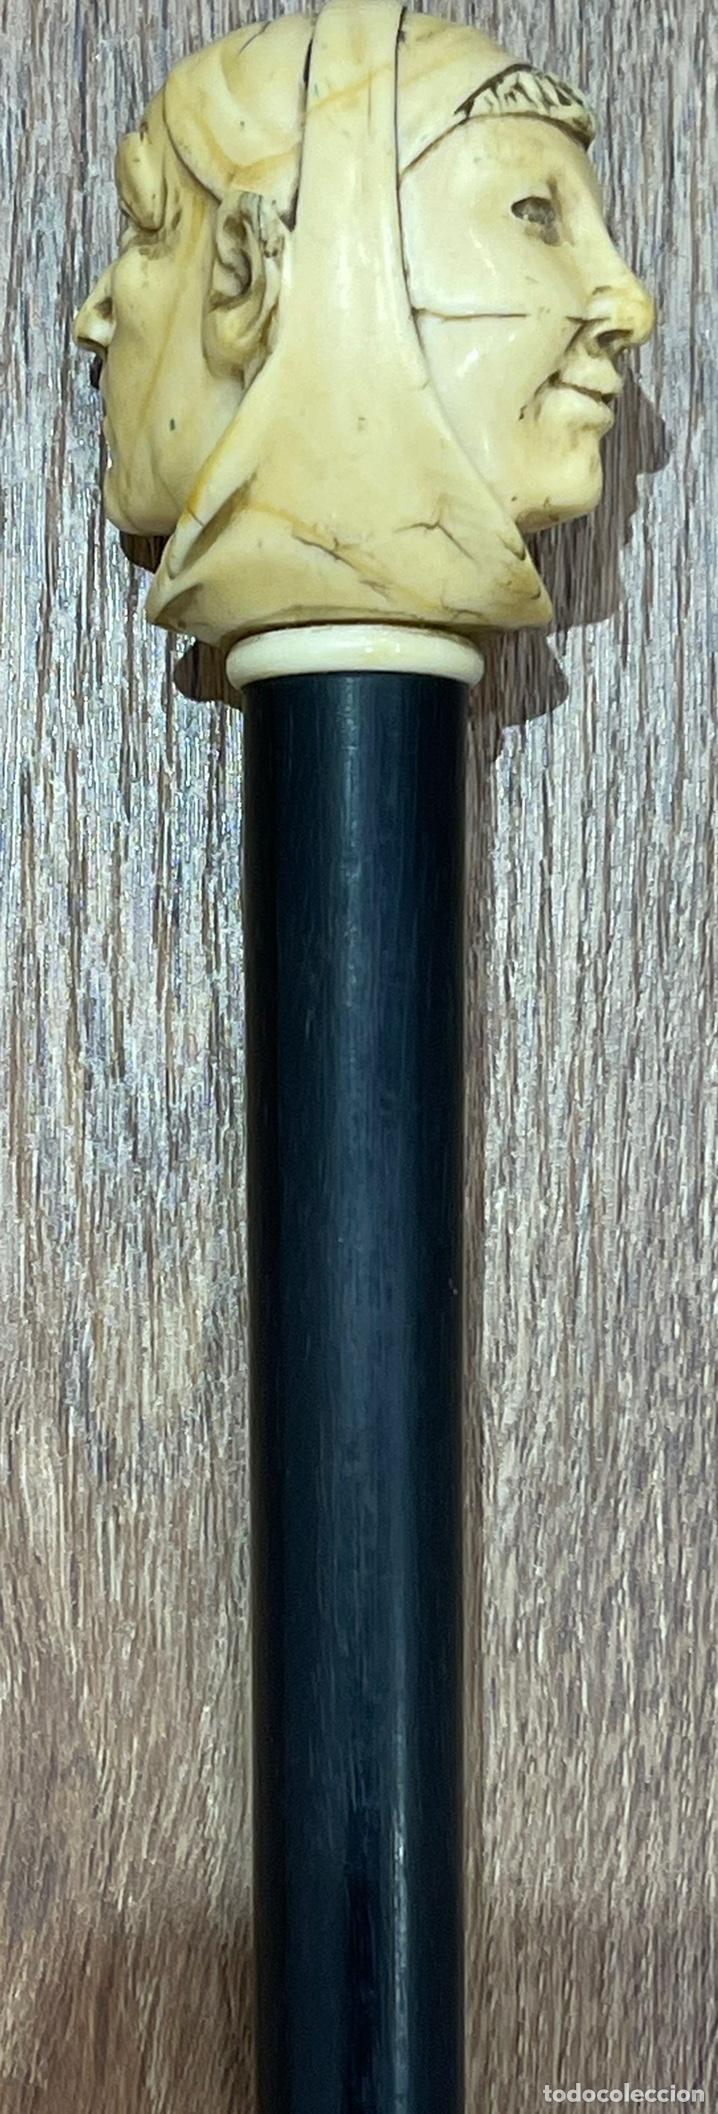 Antigüedades: Extraordinario bastón antiguo, con mango en marfil tallado, por gran maestro - Foto 3 - 251651505